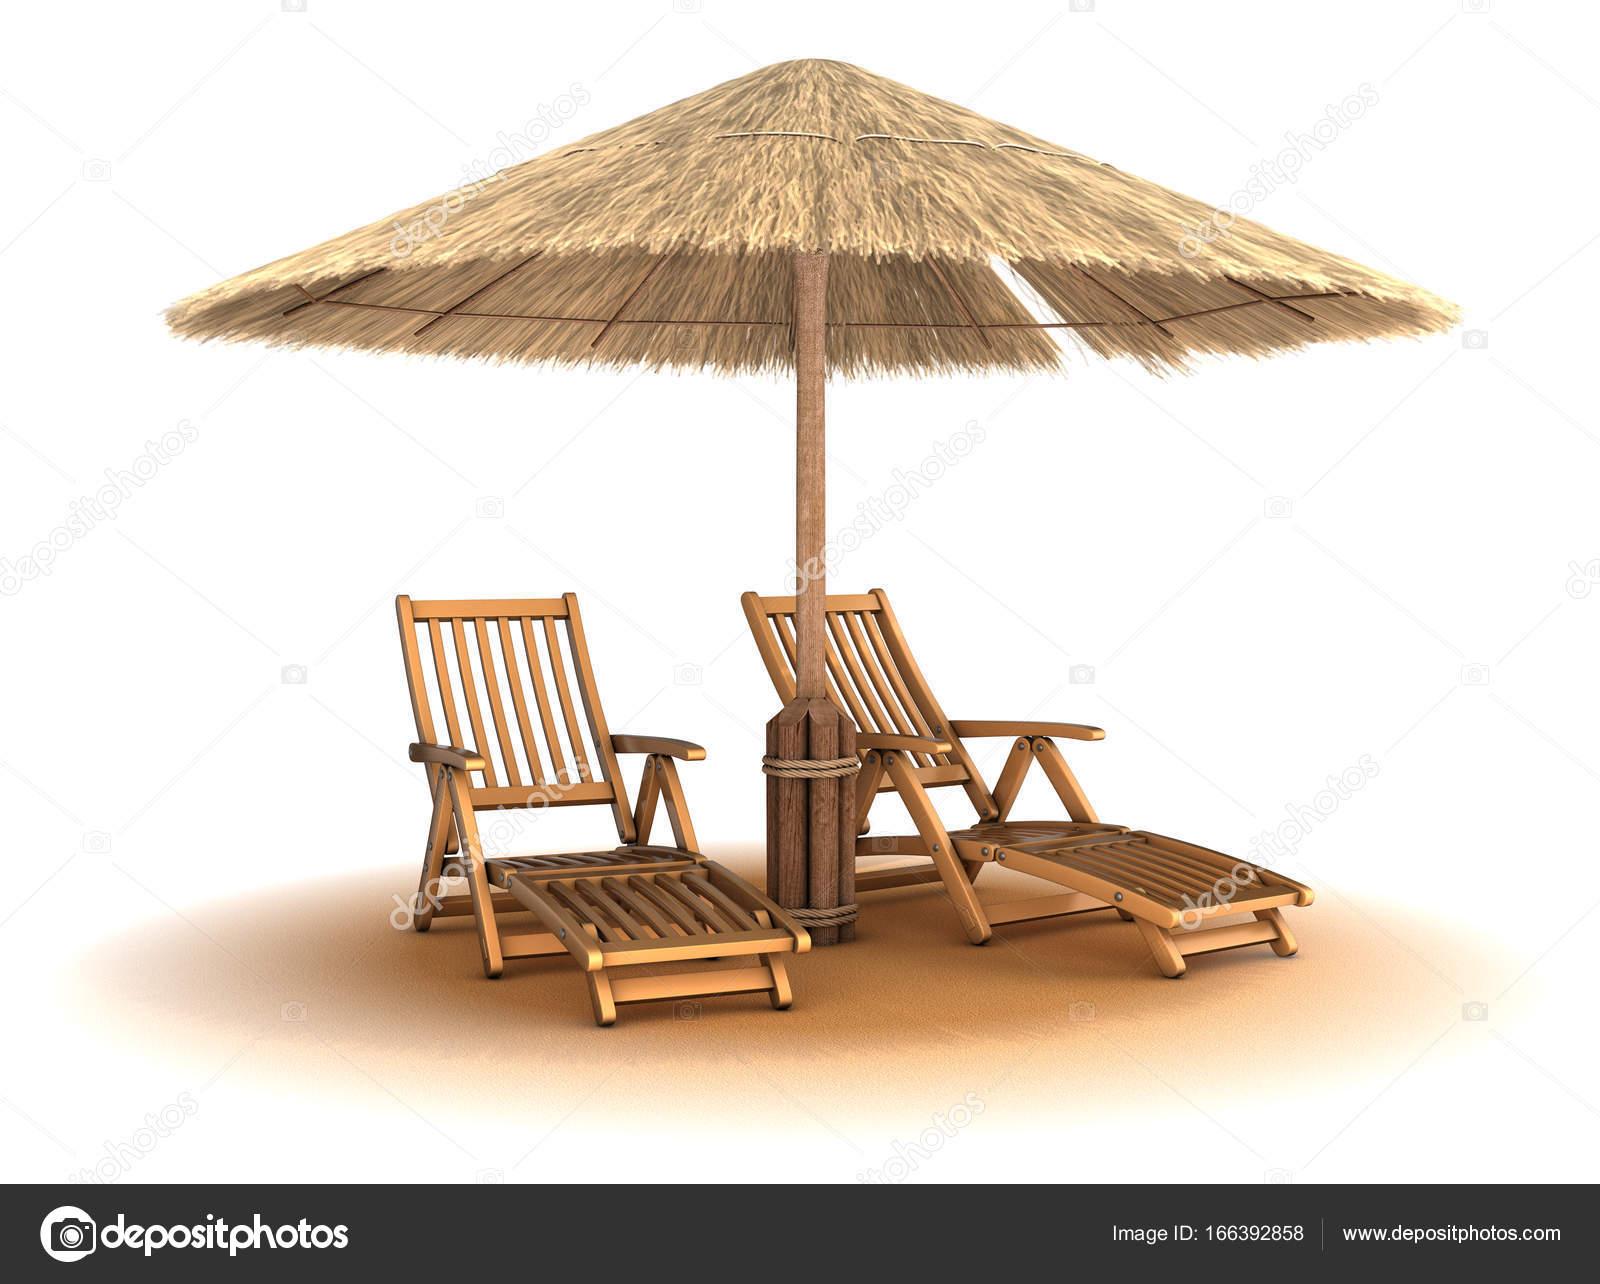 Sedie A Sdraio In Legno : Due sedie a sdraio in legno sotto un ombrello fatto di canne